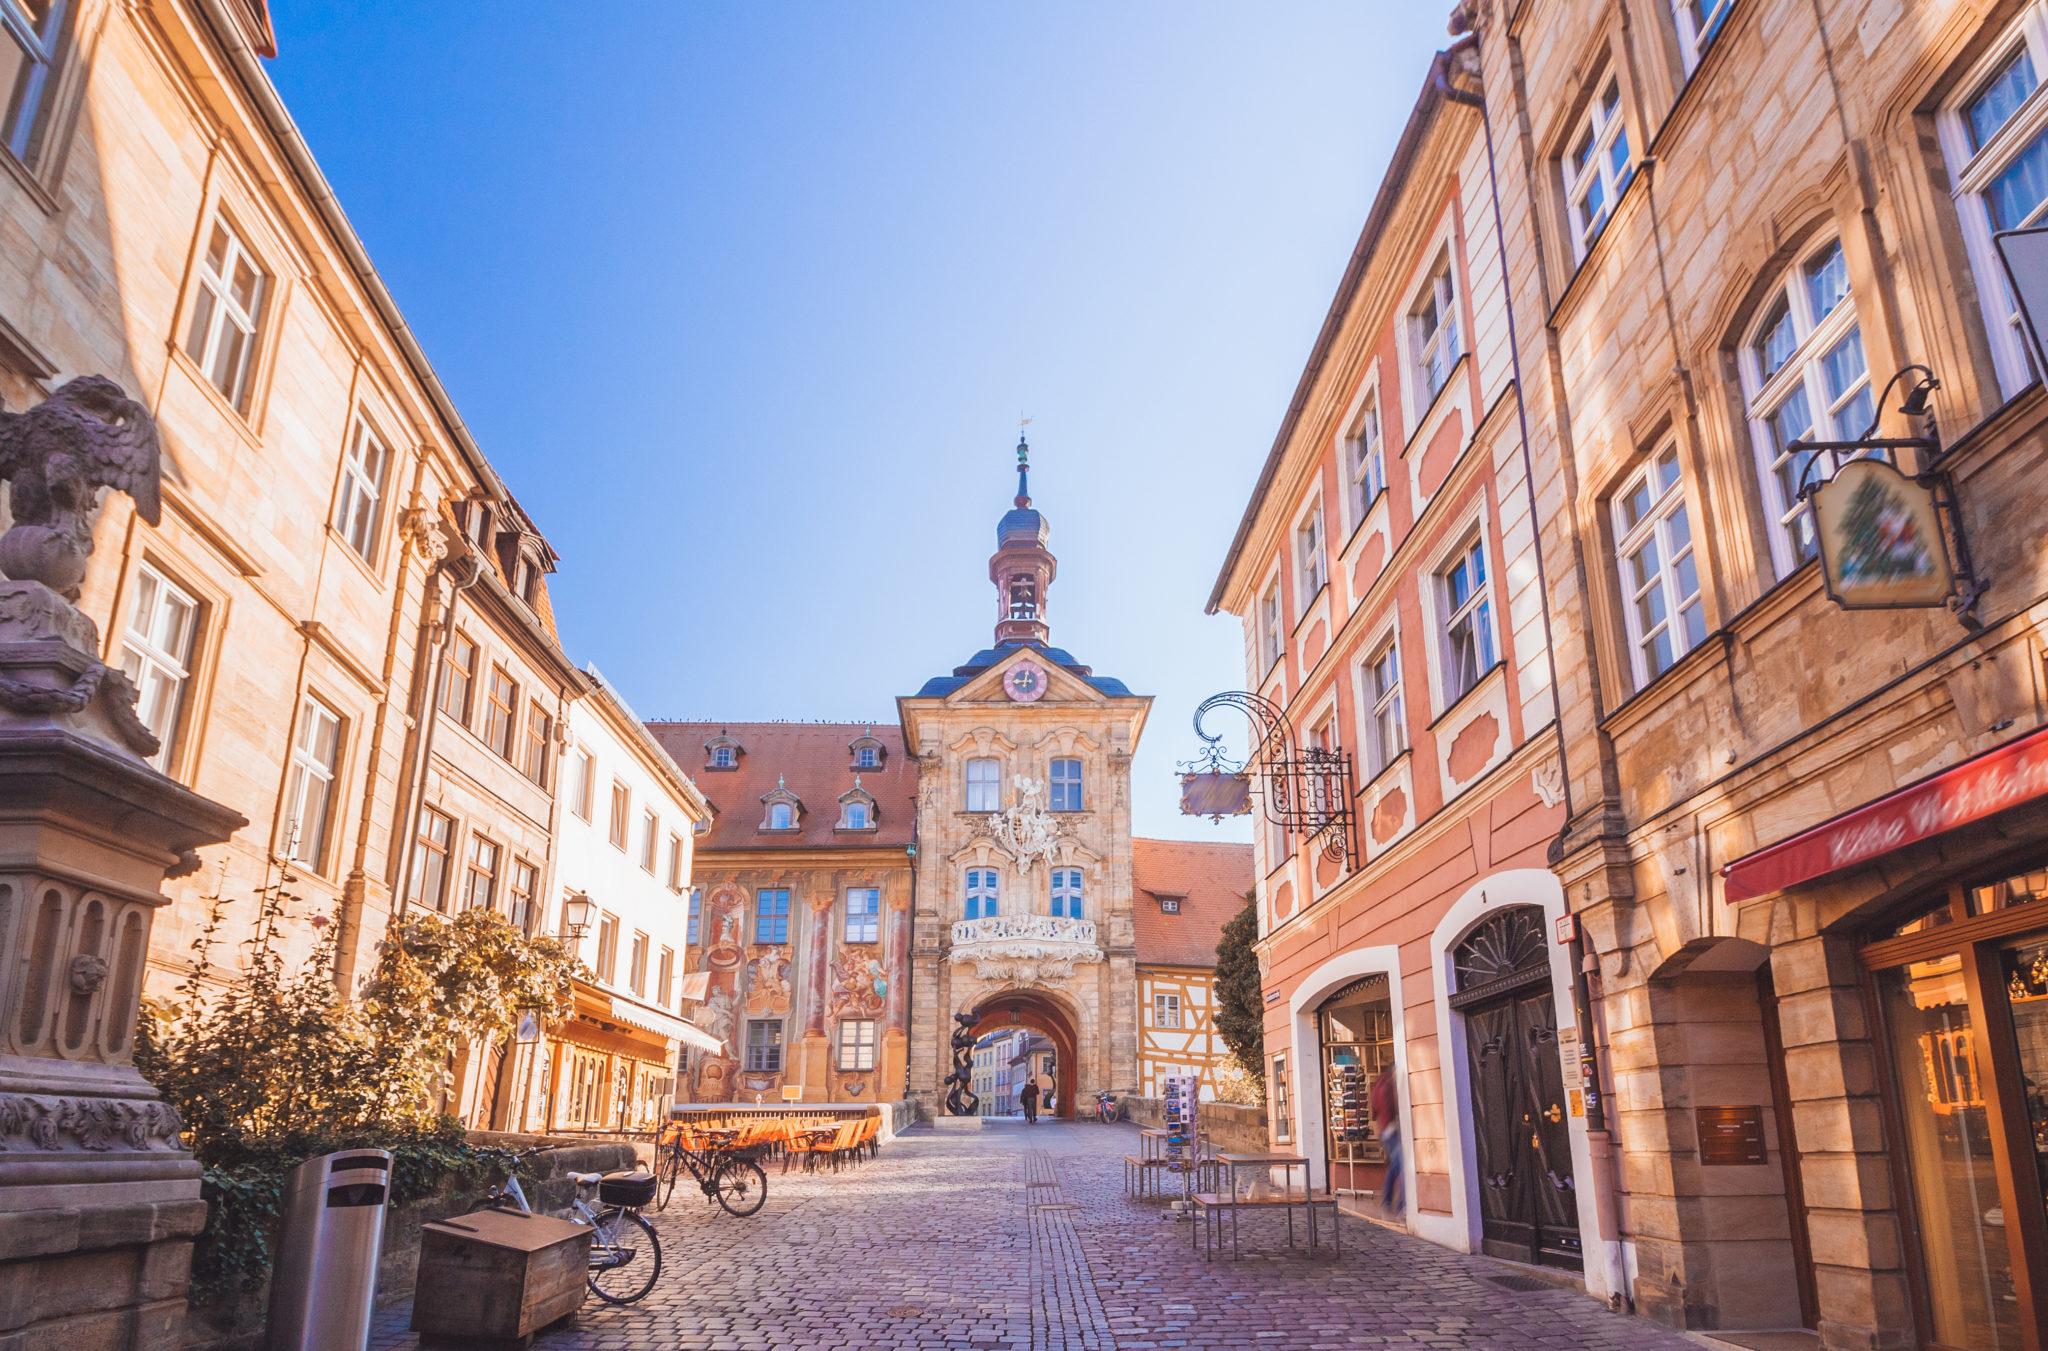 Die wunderschöne Altstadt von Bamberg